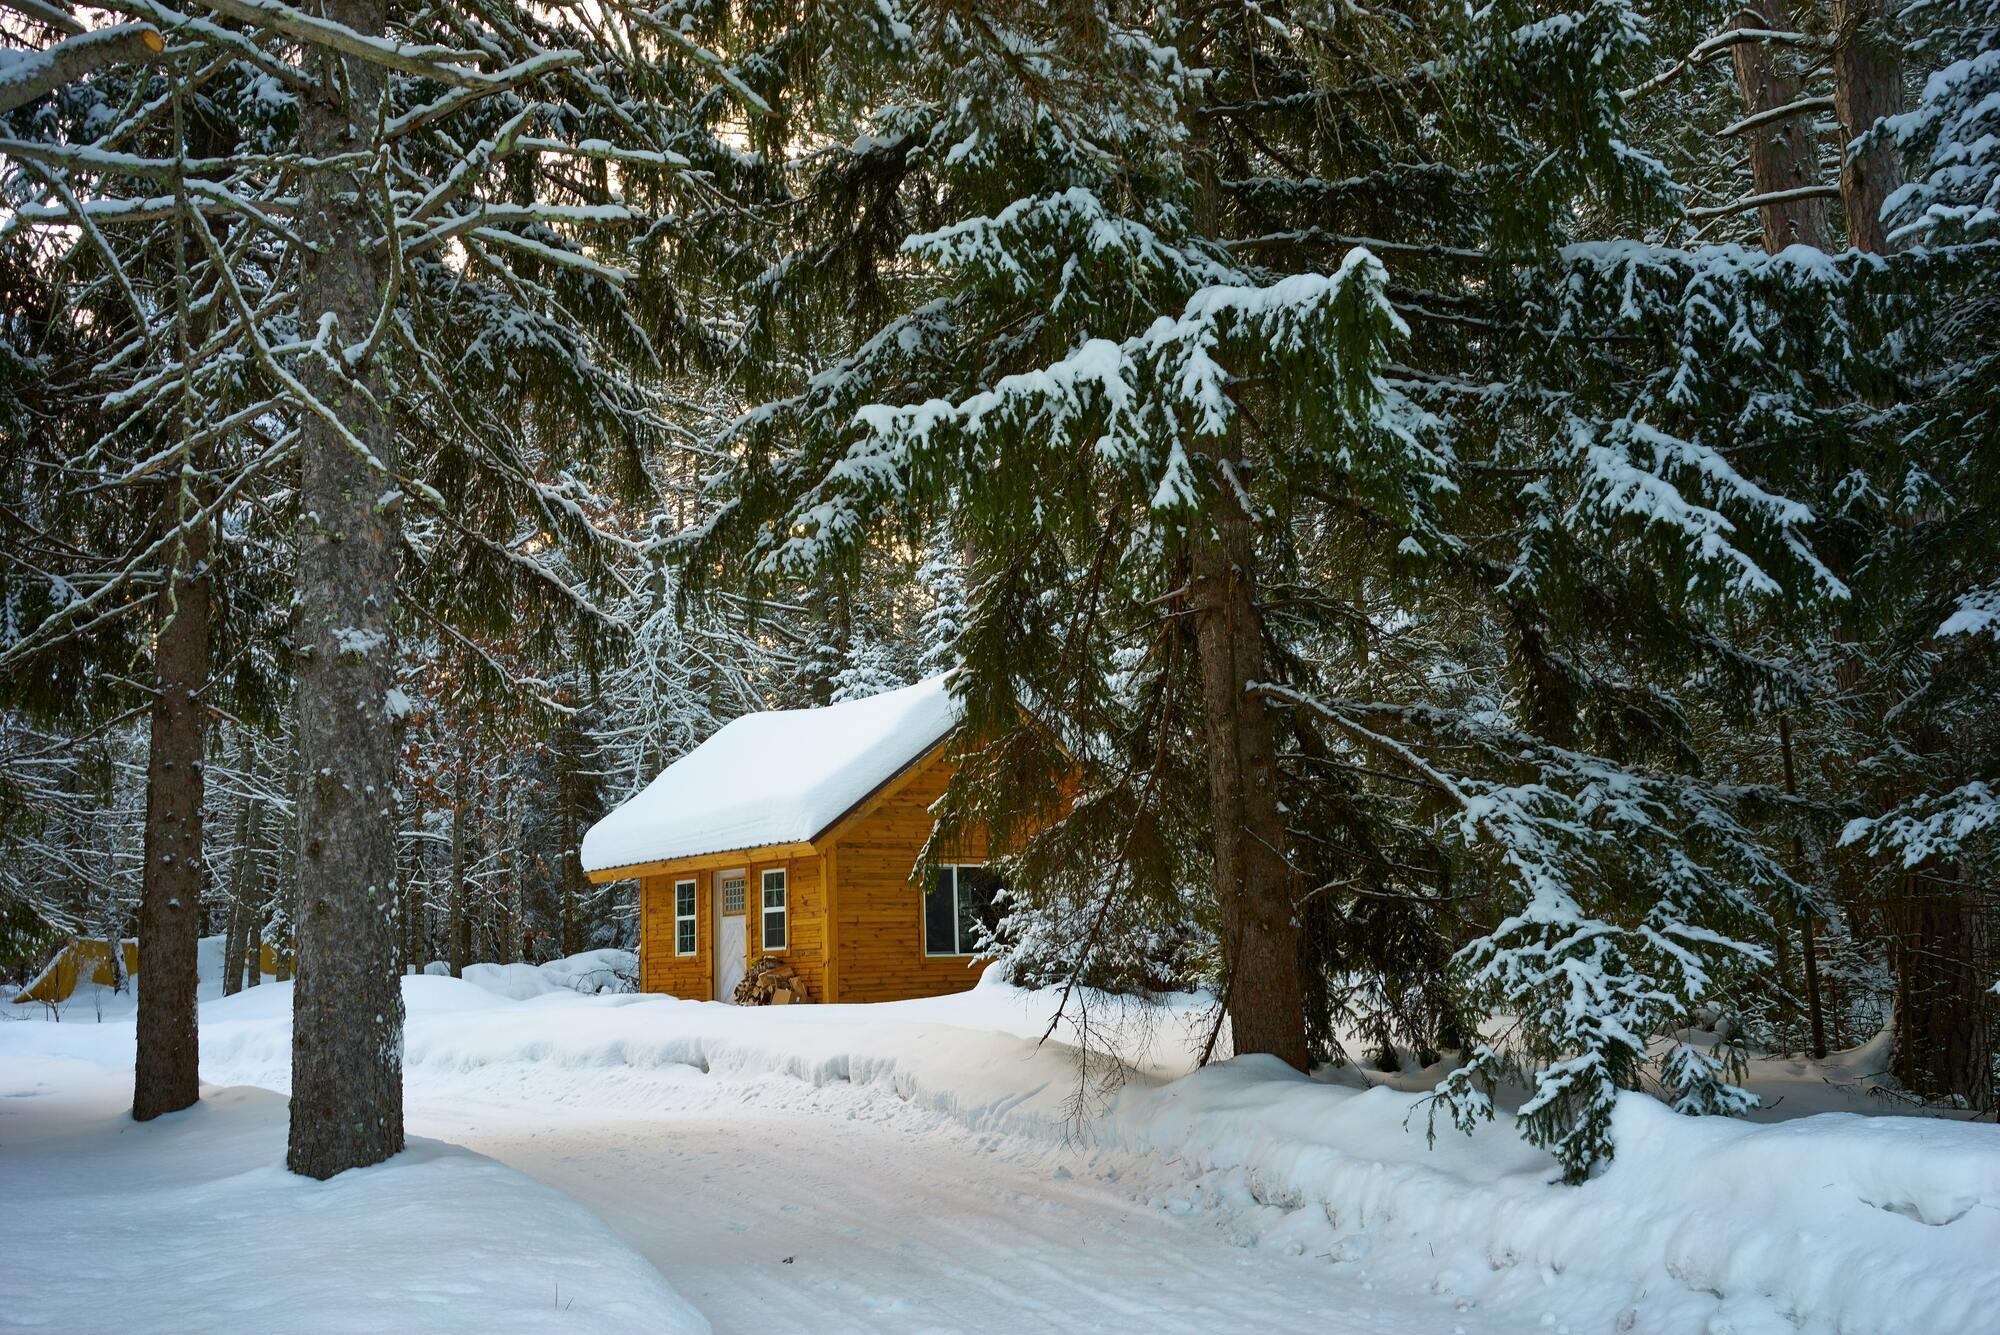 Иней на деревьях 27 января – к приближению тепла